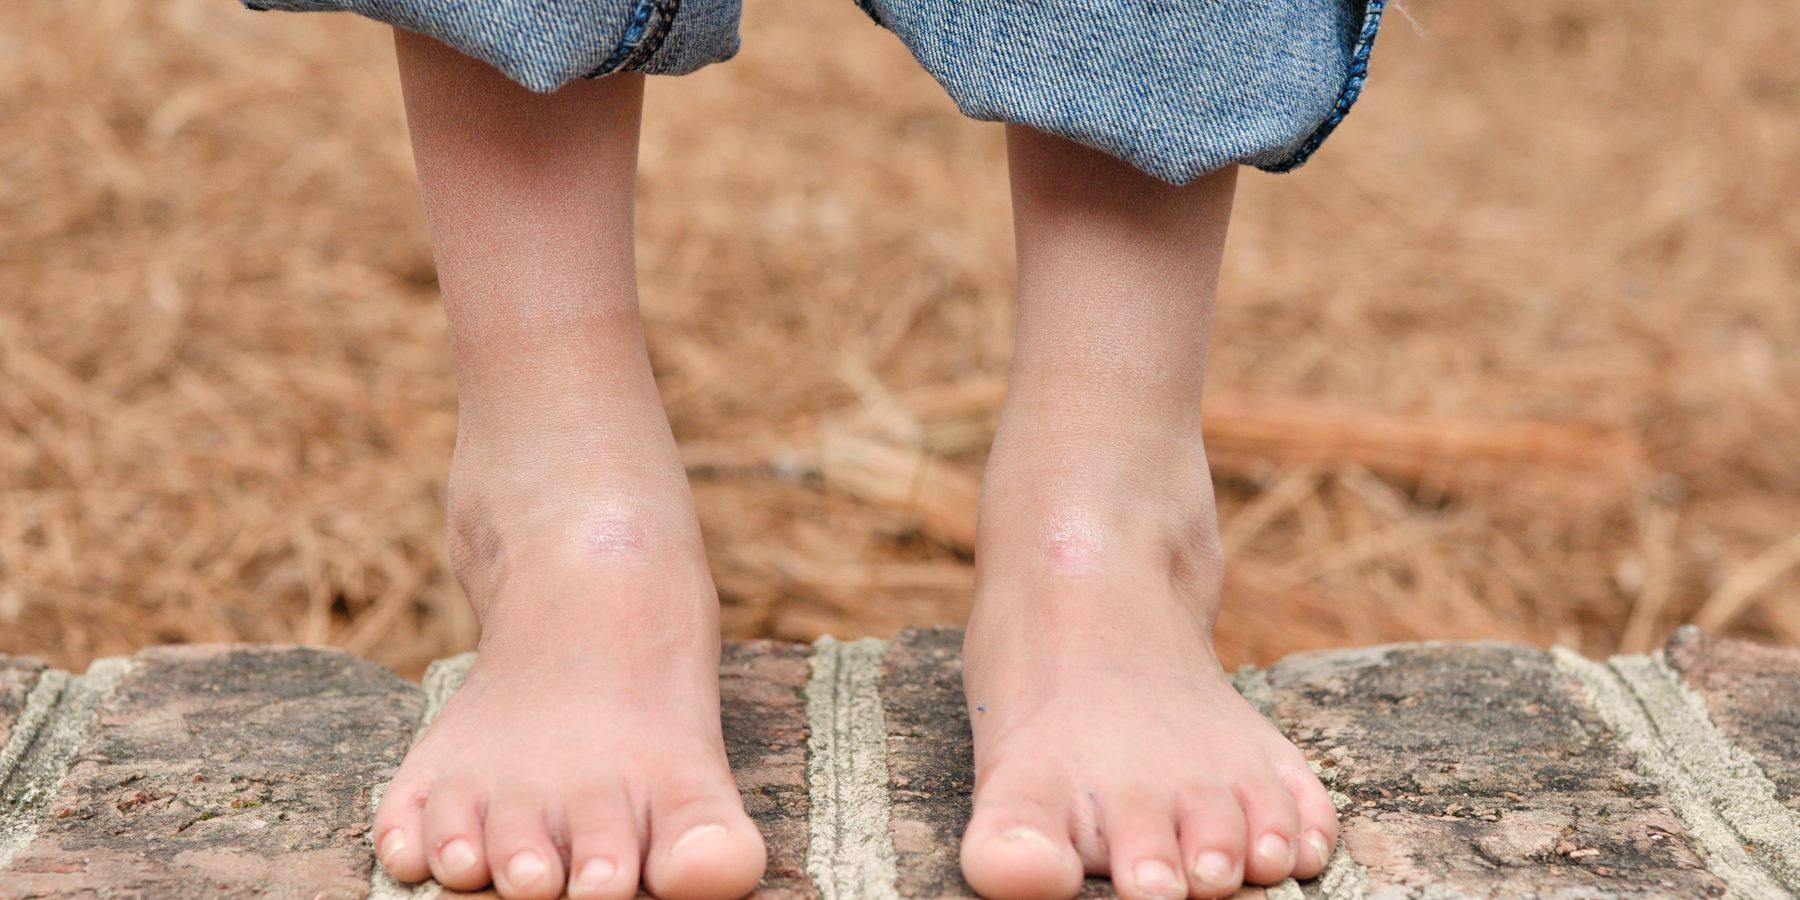 being barefoot boosts brain